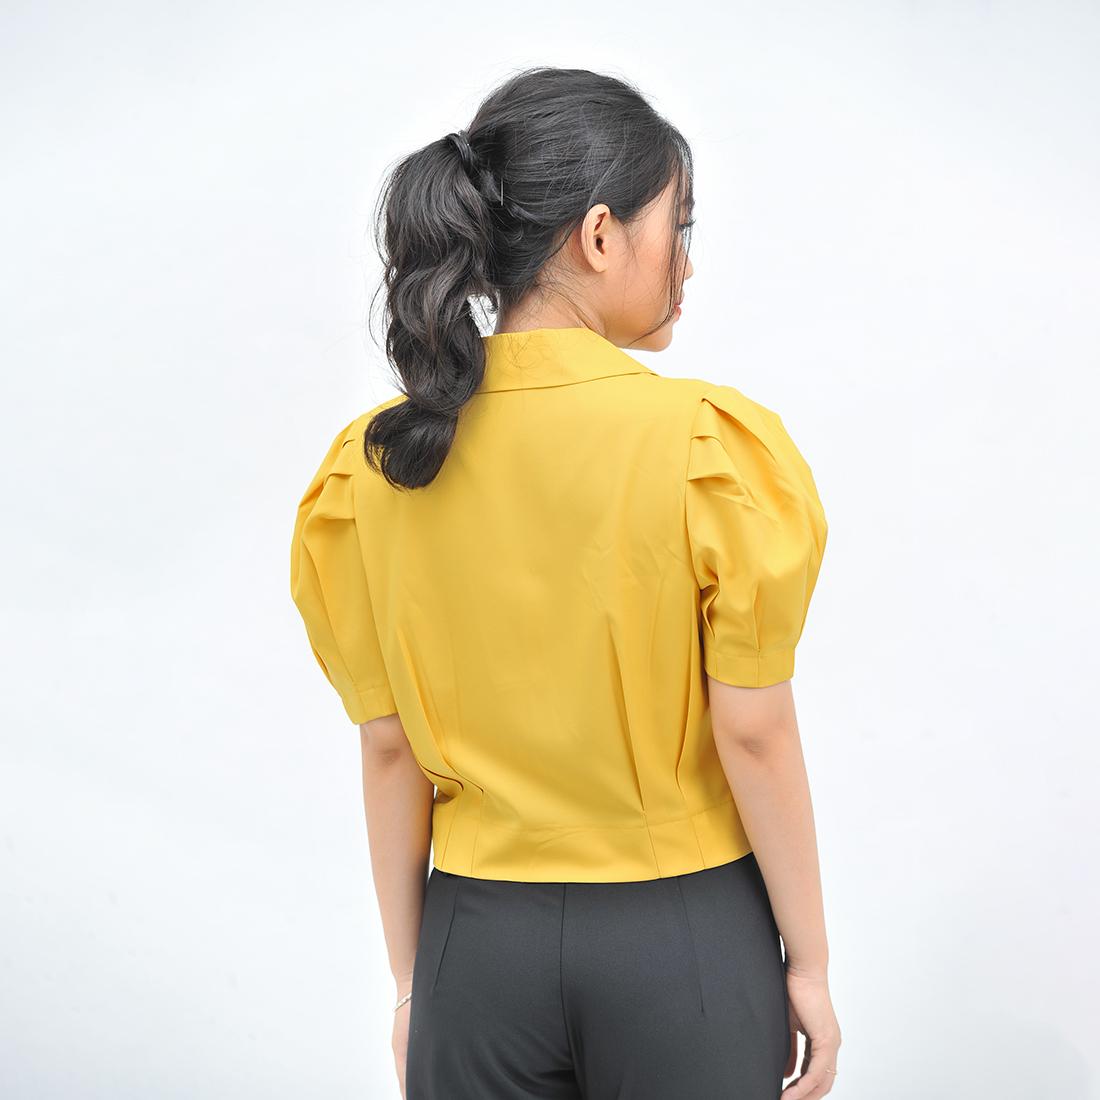 Áo kiểu nữ thời trang Eden dáng ngắn cổ danton. Kiểu dáng thời trang. Chất liệu mềm mại, không nhăn - ASM111